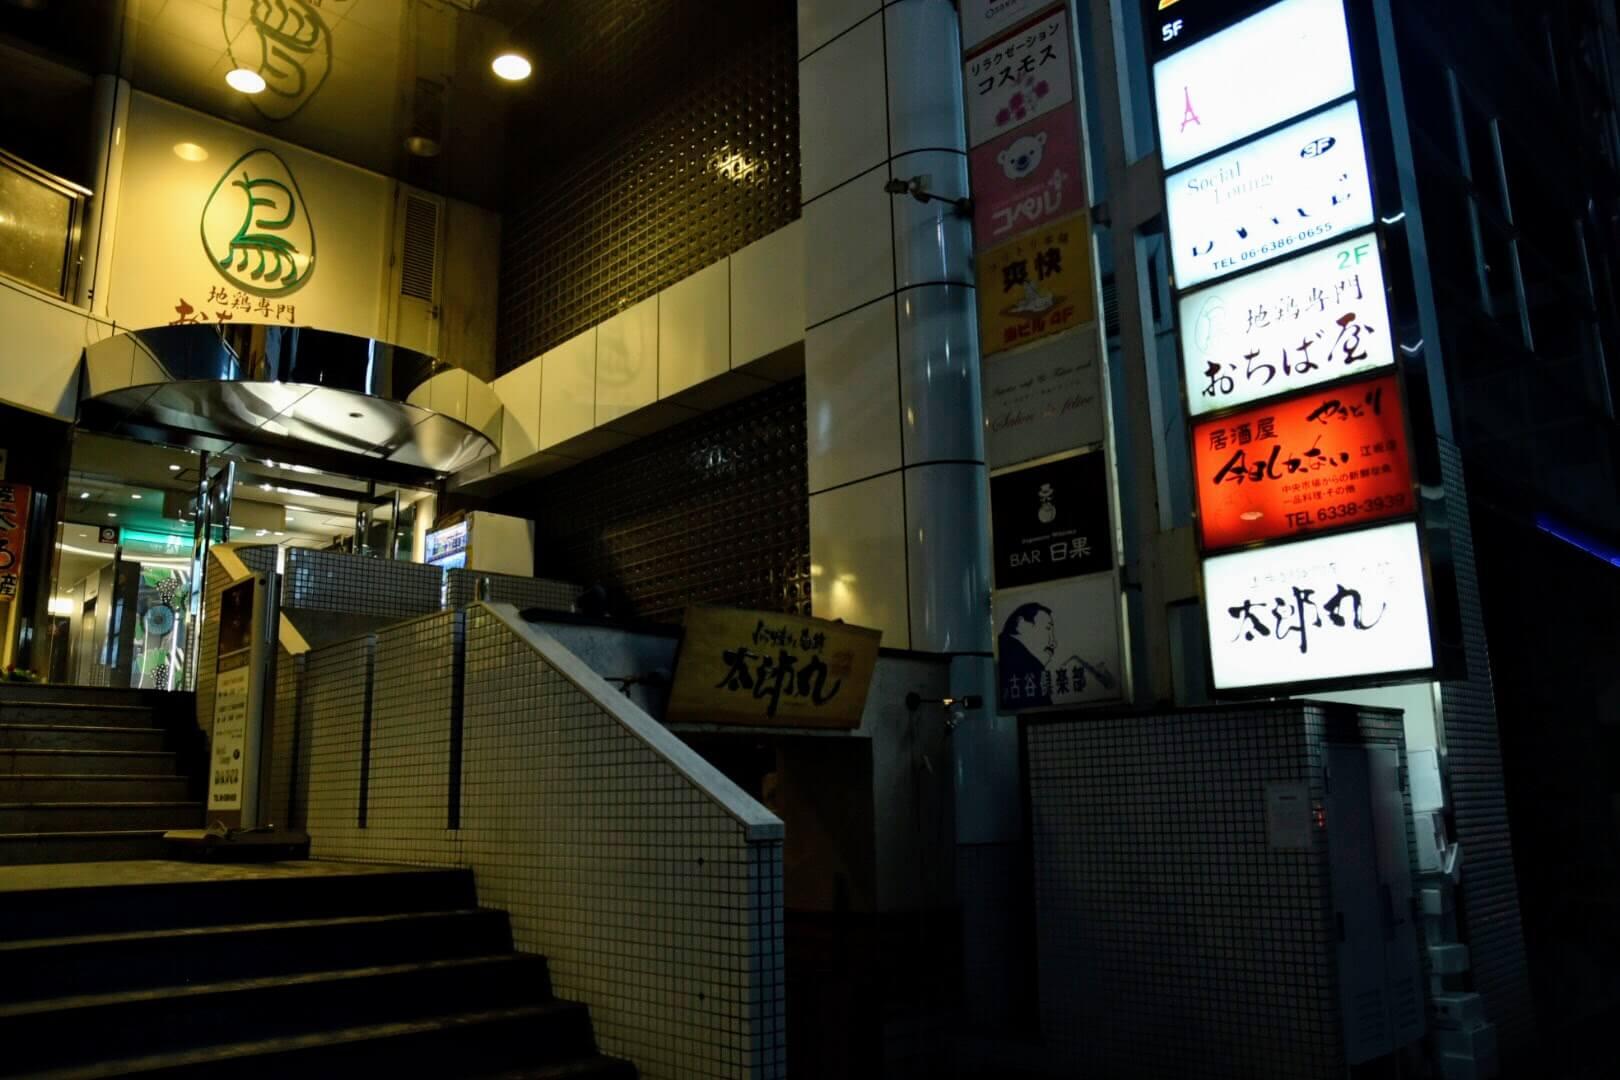 江坂の雑居ビルの中にあるおちば屋